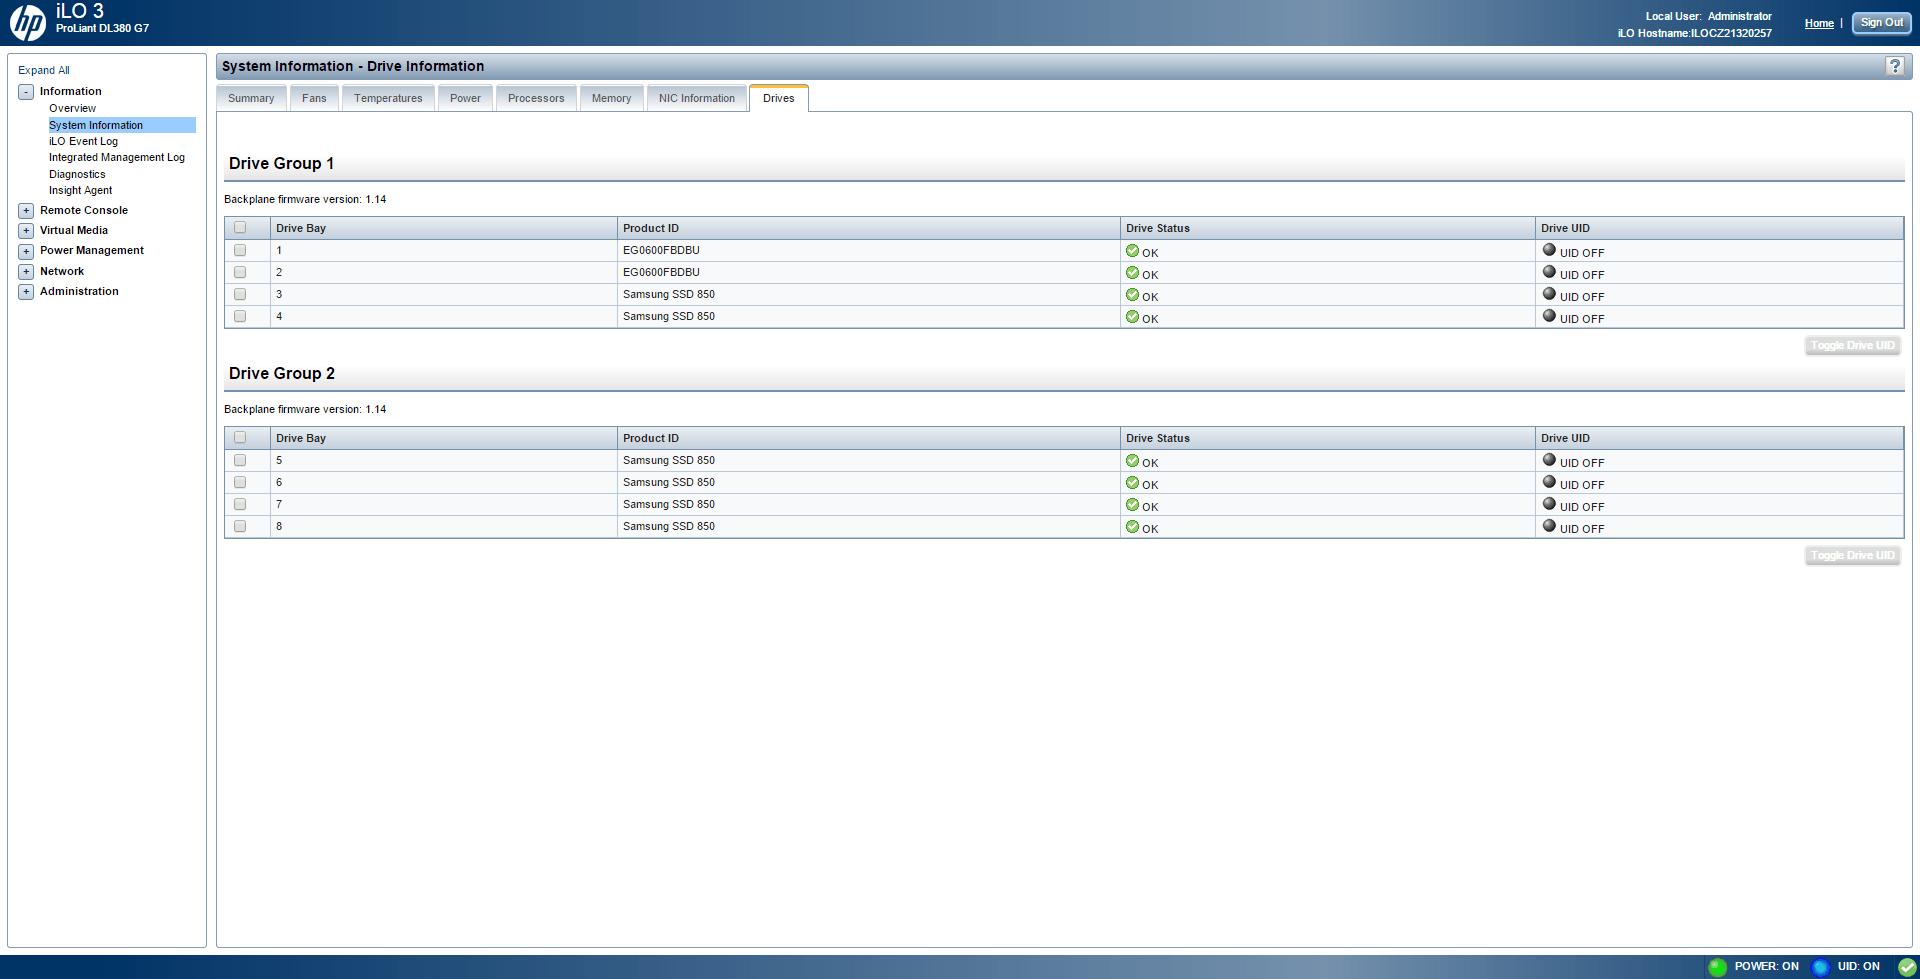 Обзор параметров ILO 3 в HP dl380 g7-10